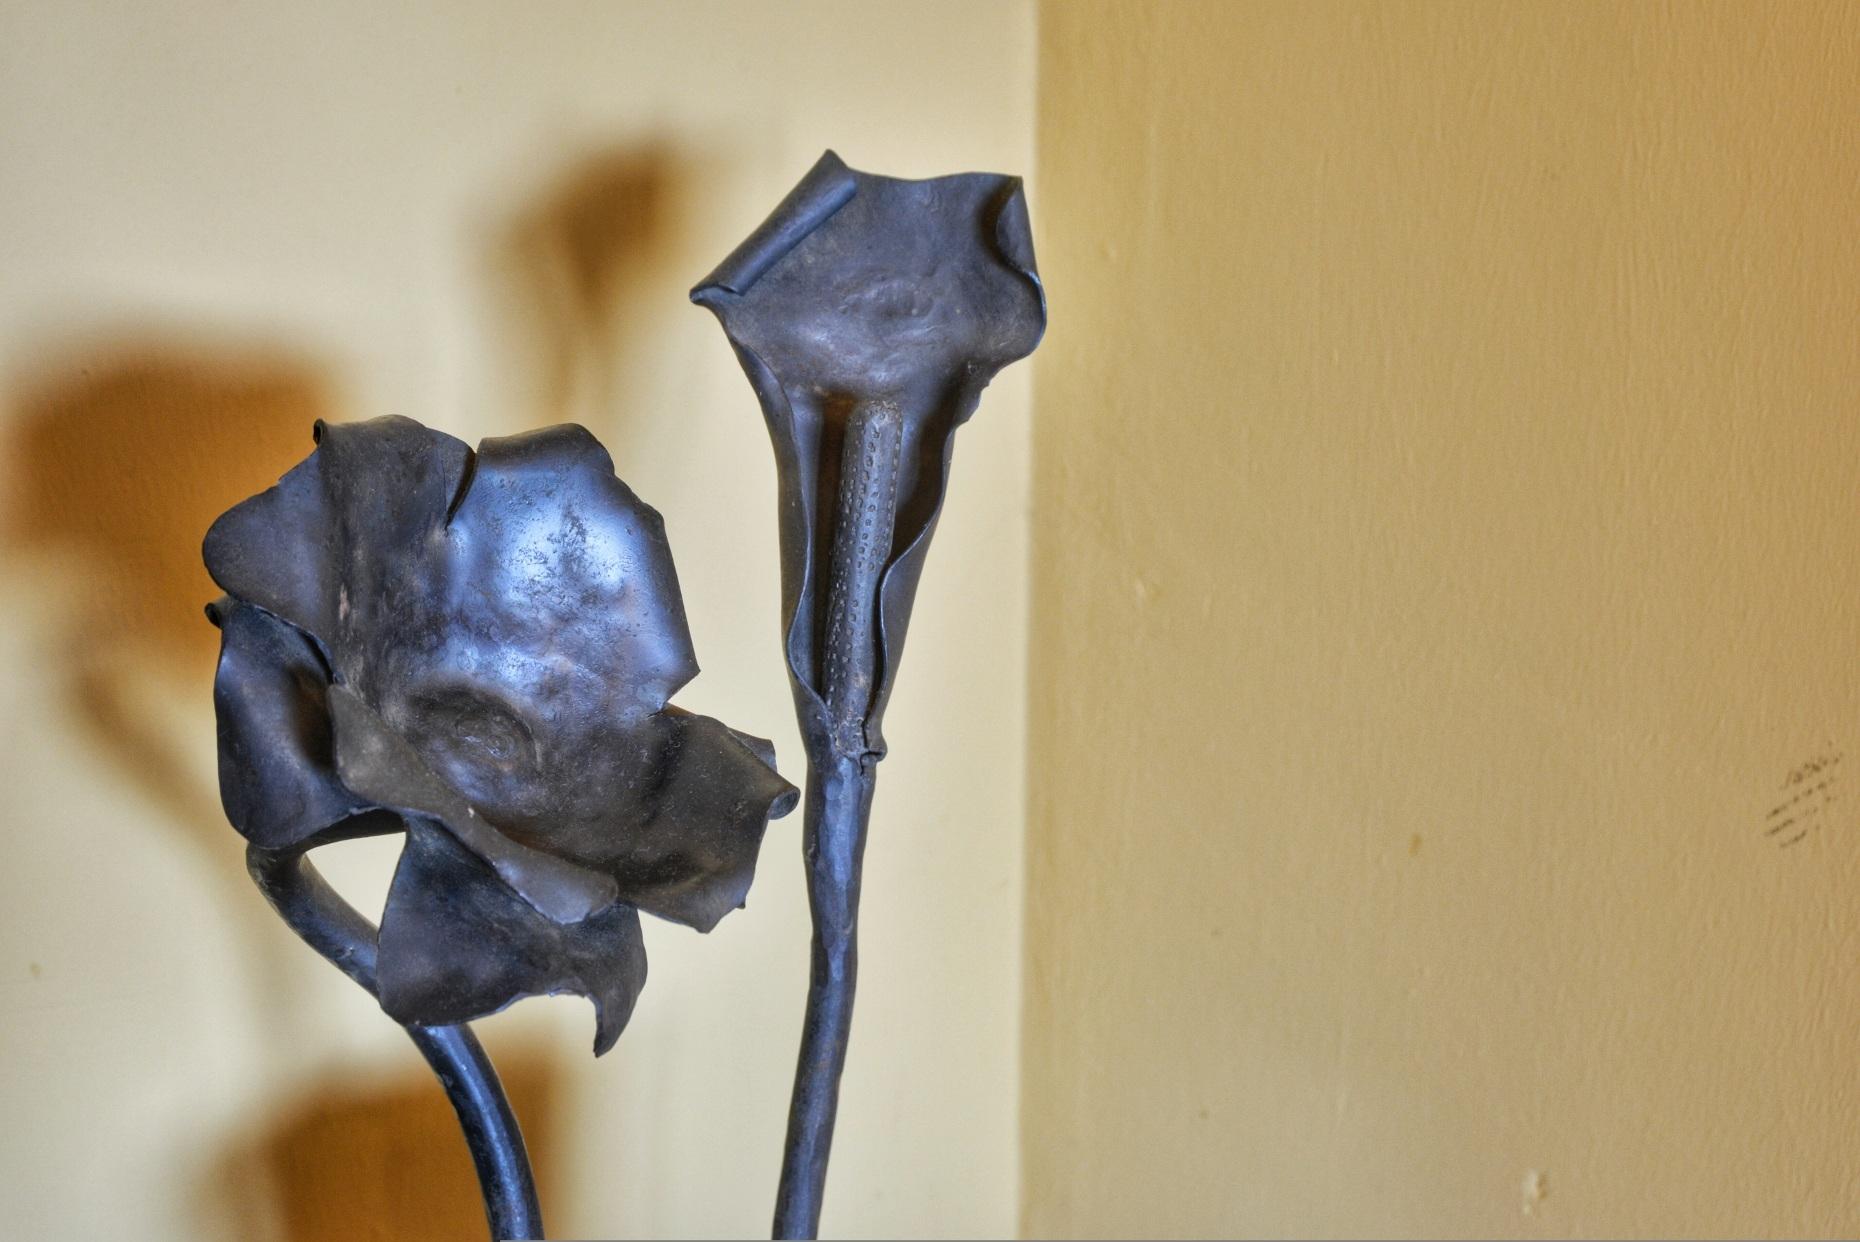 Casa rural El Encanto - El Mayulon - Detalle de decoración artesana en metal